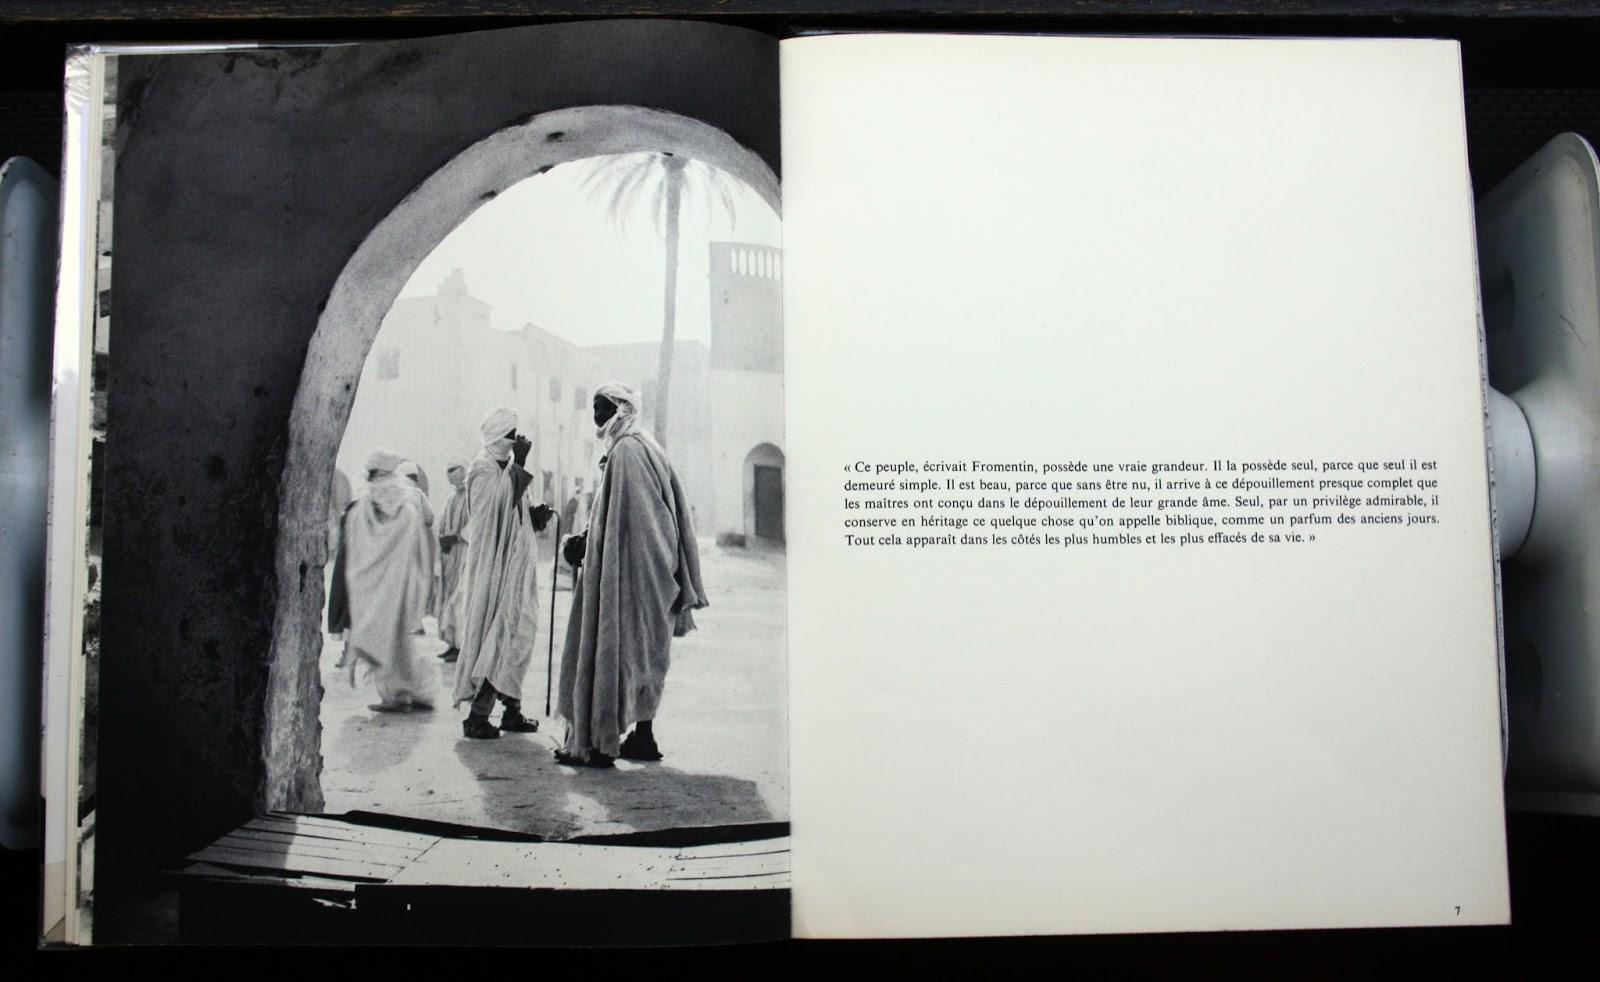 editions rencontre atlas